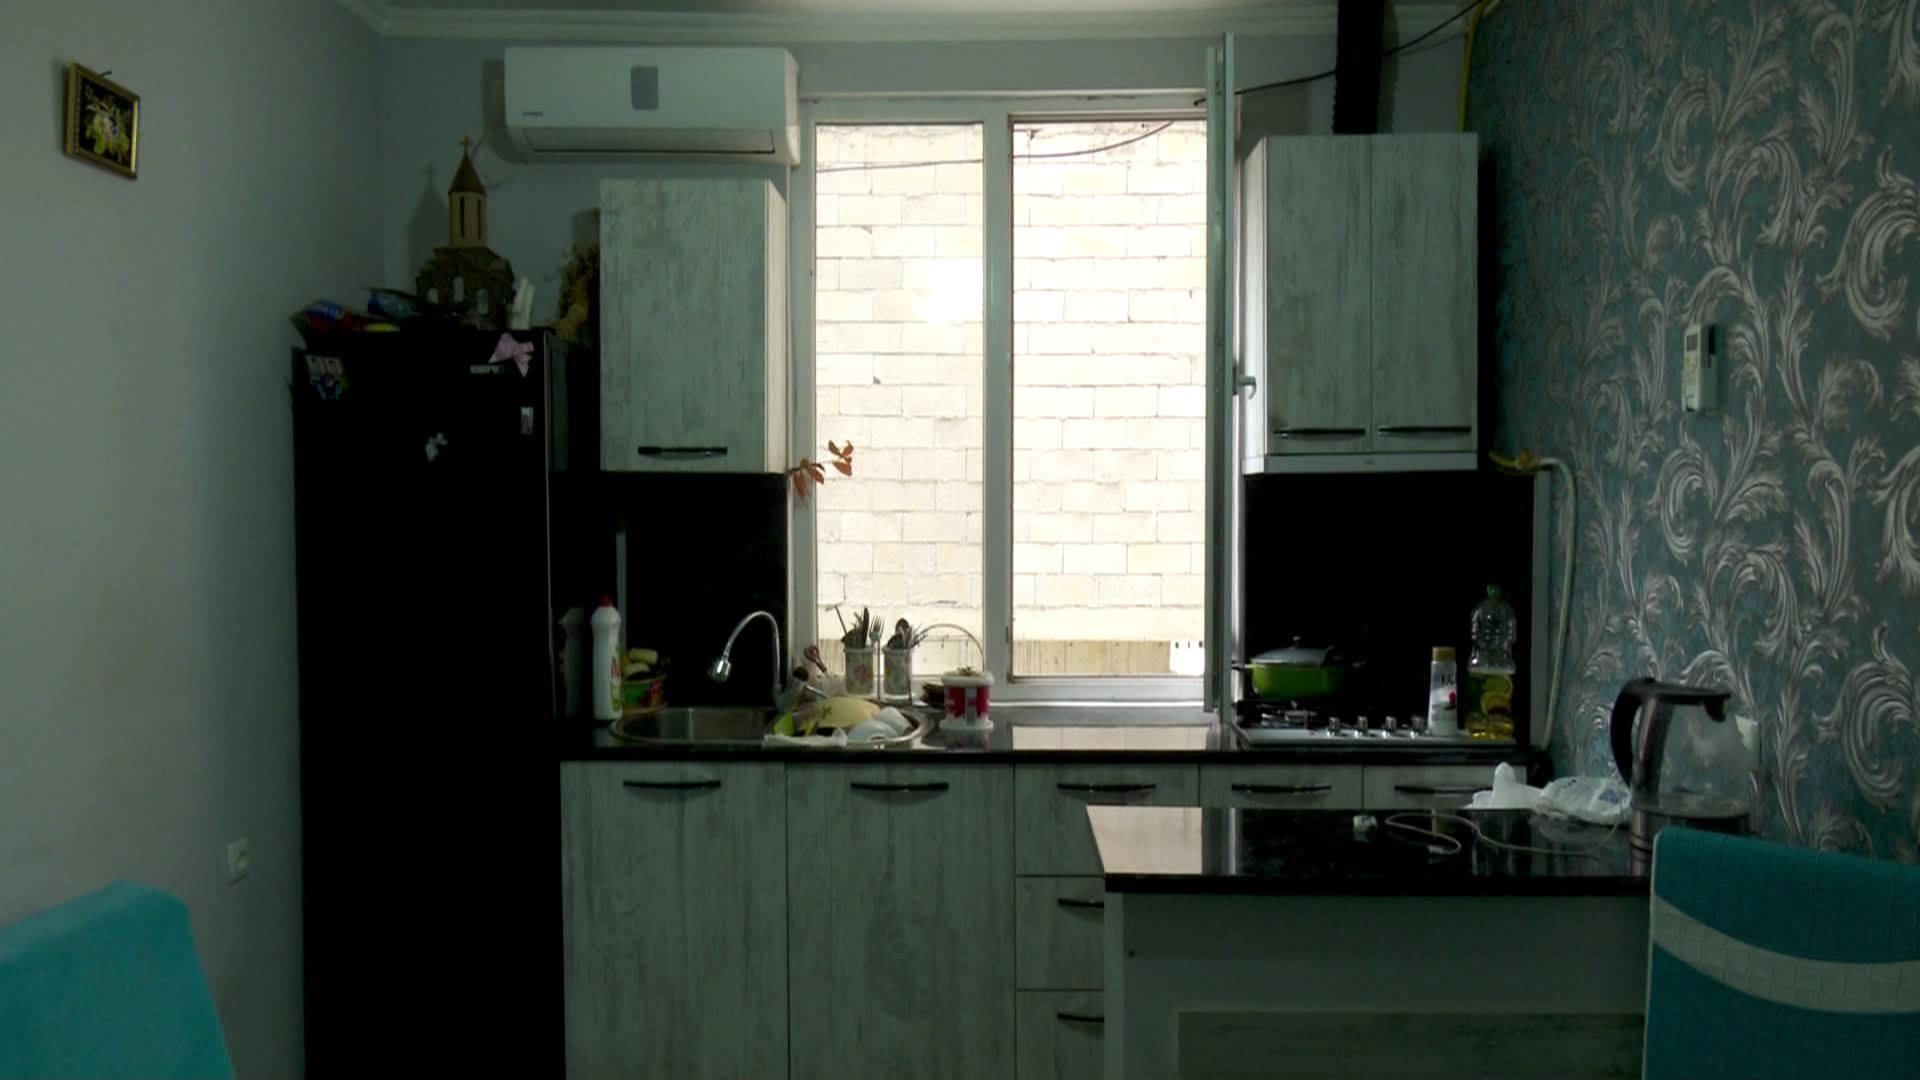 ფანჯრებს მიღმა ბეტონებია